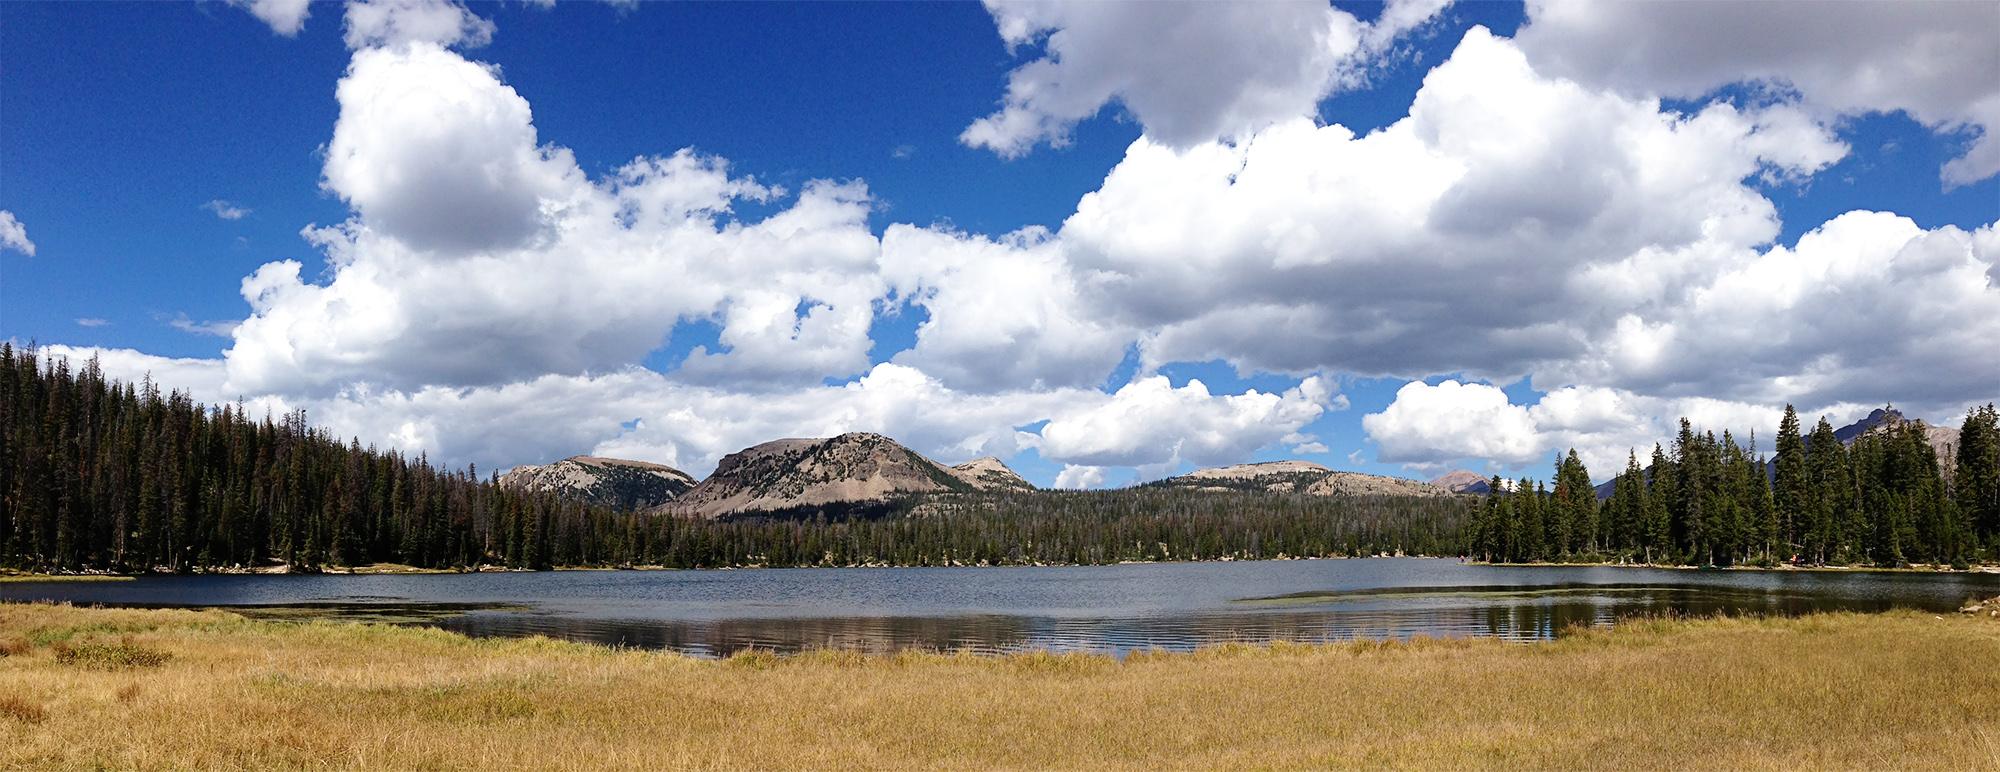 mirror lake panorama iphone lg